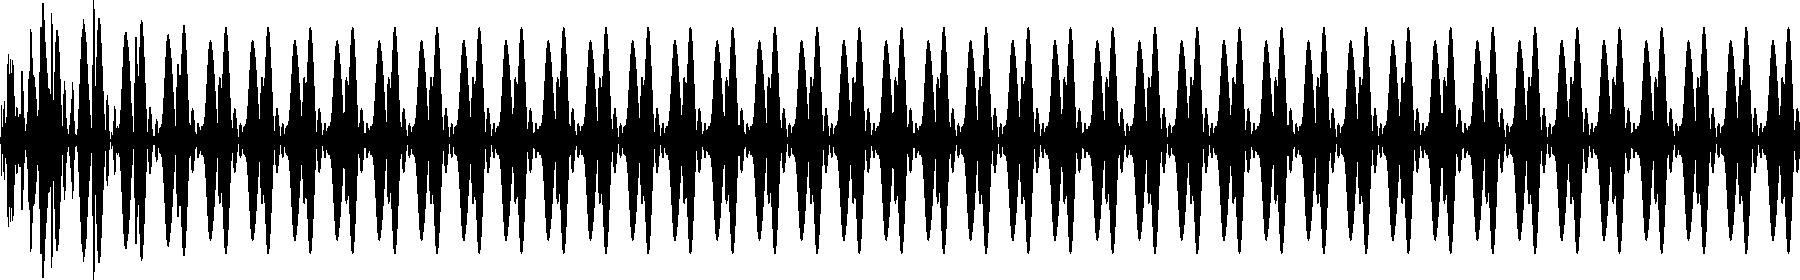 veh2 synths   057 c